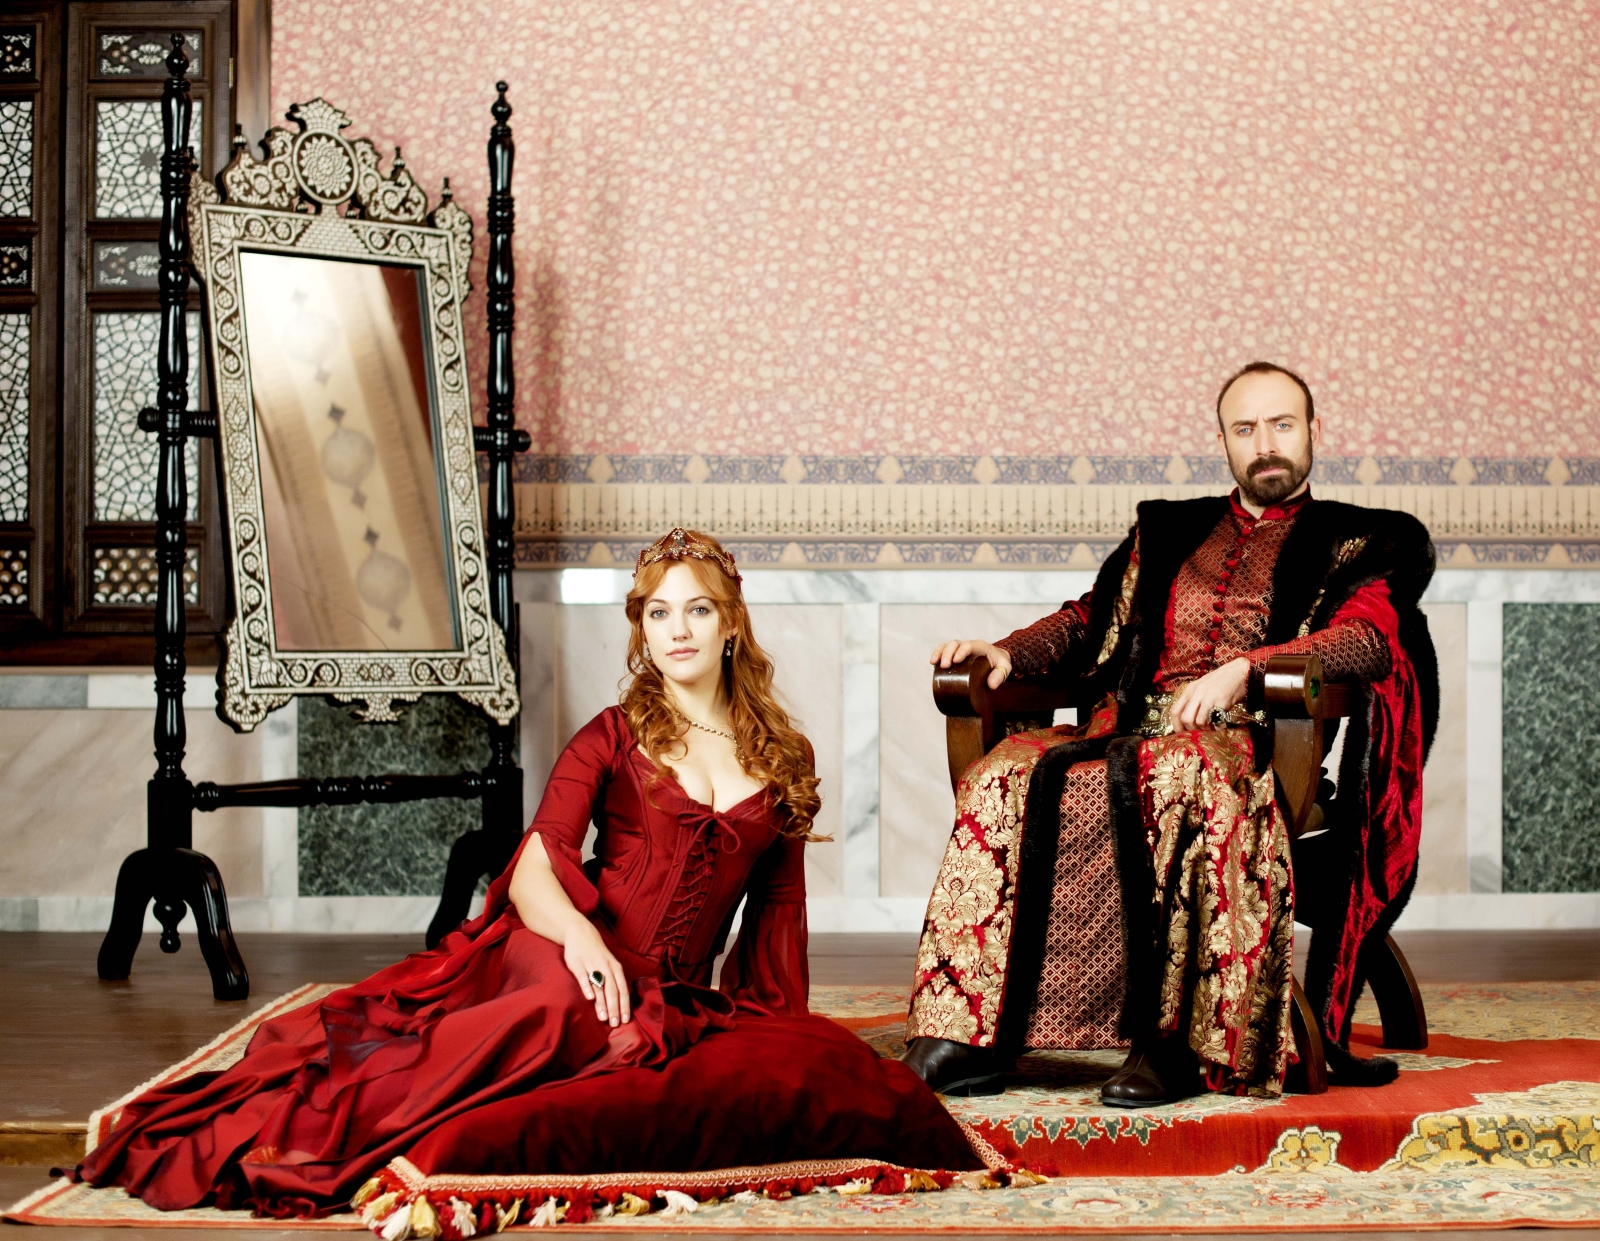 Suleyman-Magnificul-Sub-domnia-iubirii